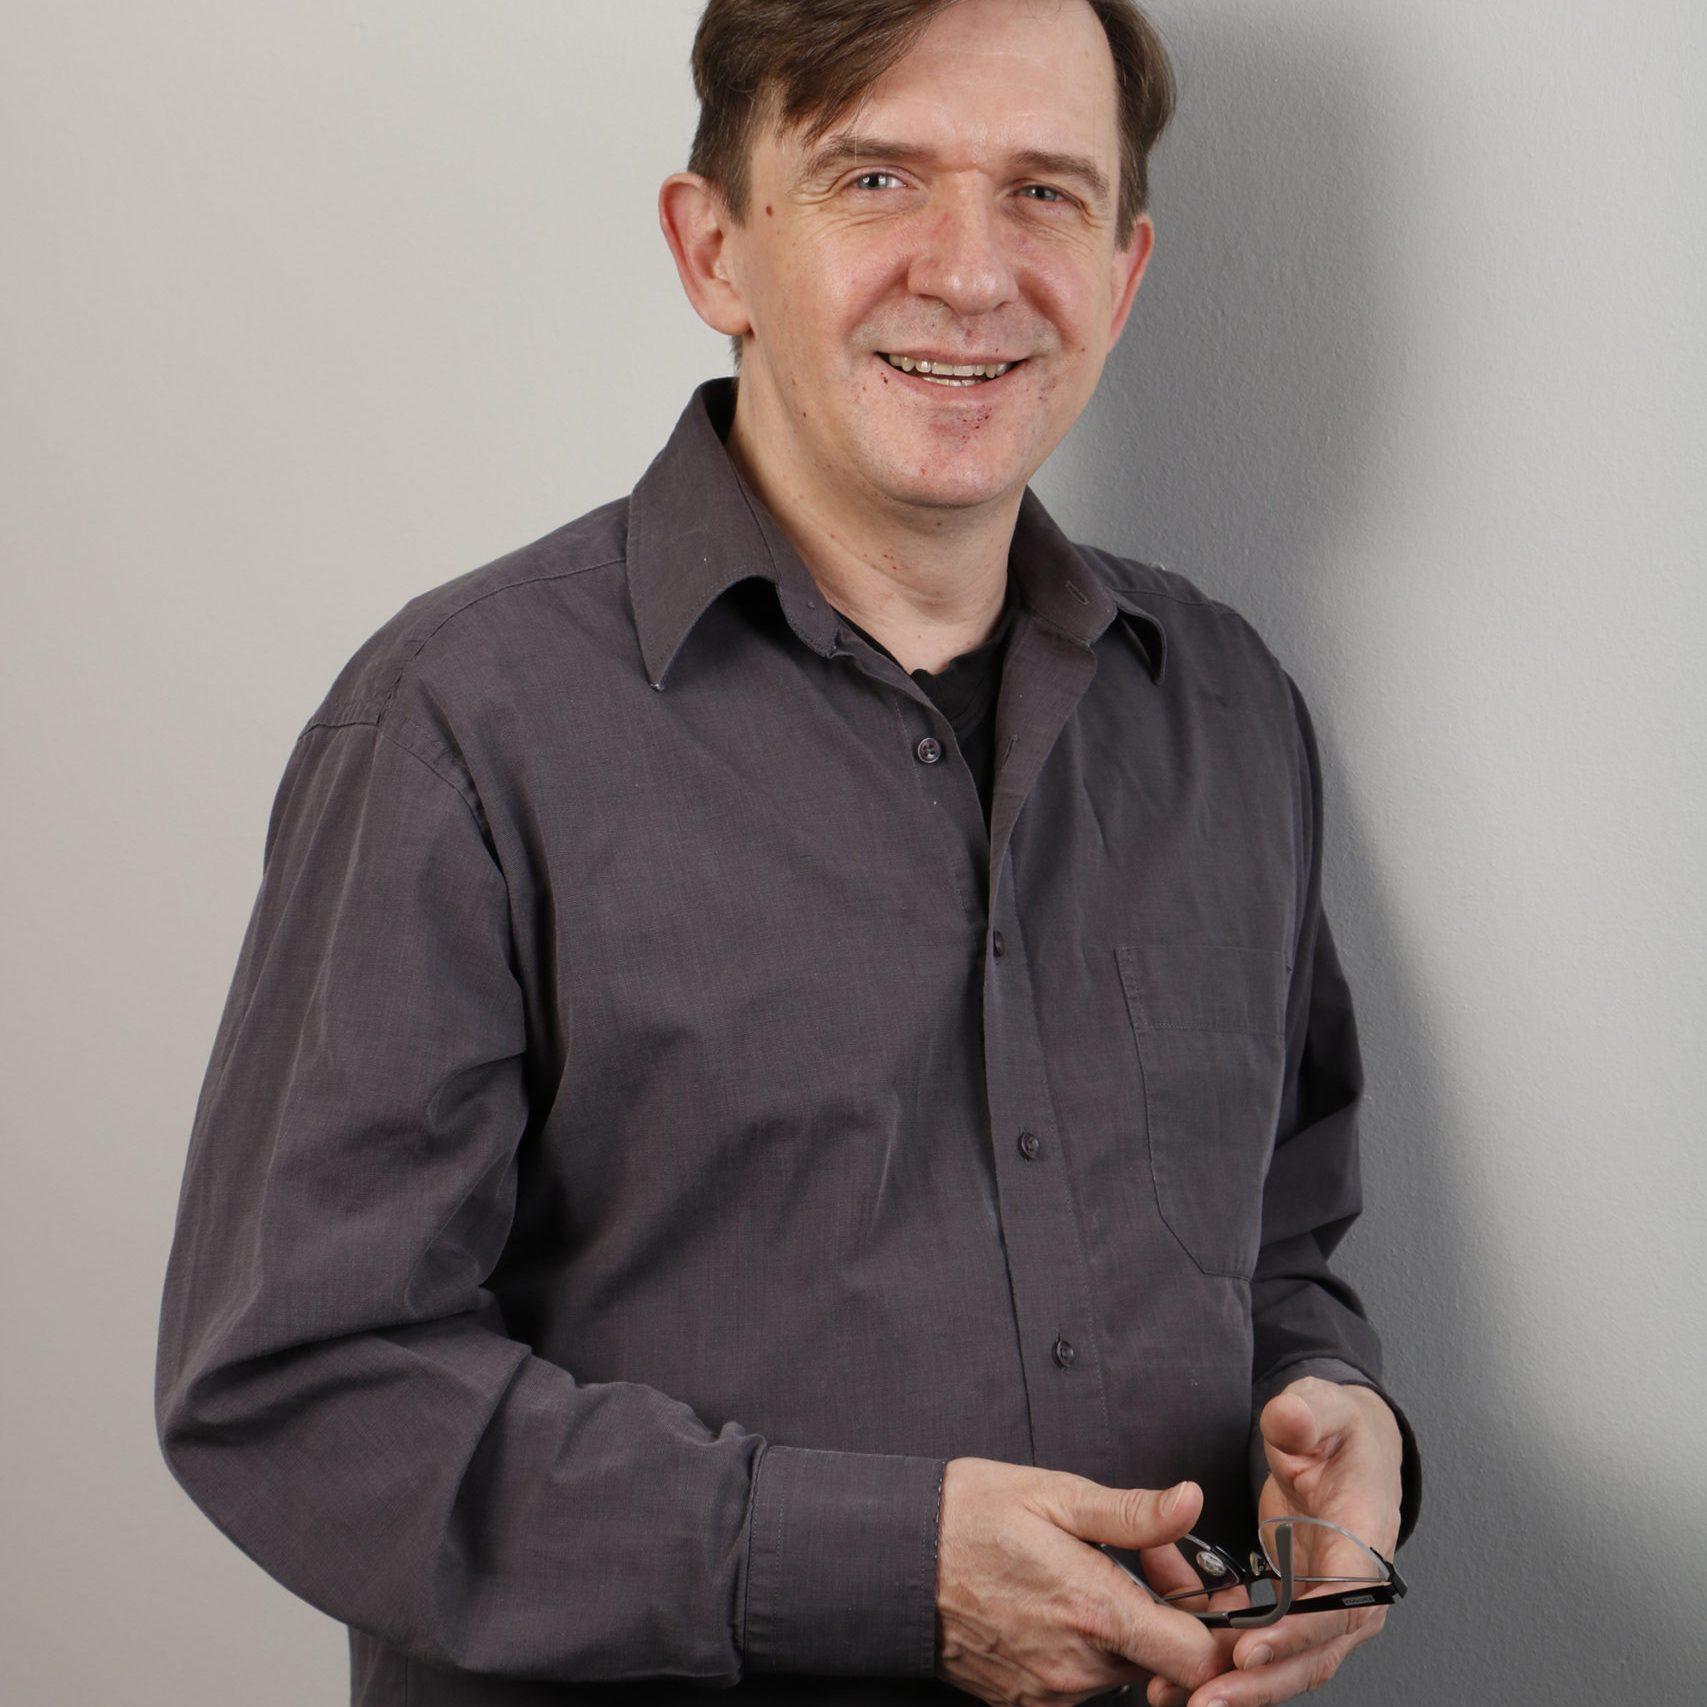 Ludwig_Pfingsten_funktionaler_musiklehrer_coach-scaled.jpg